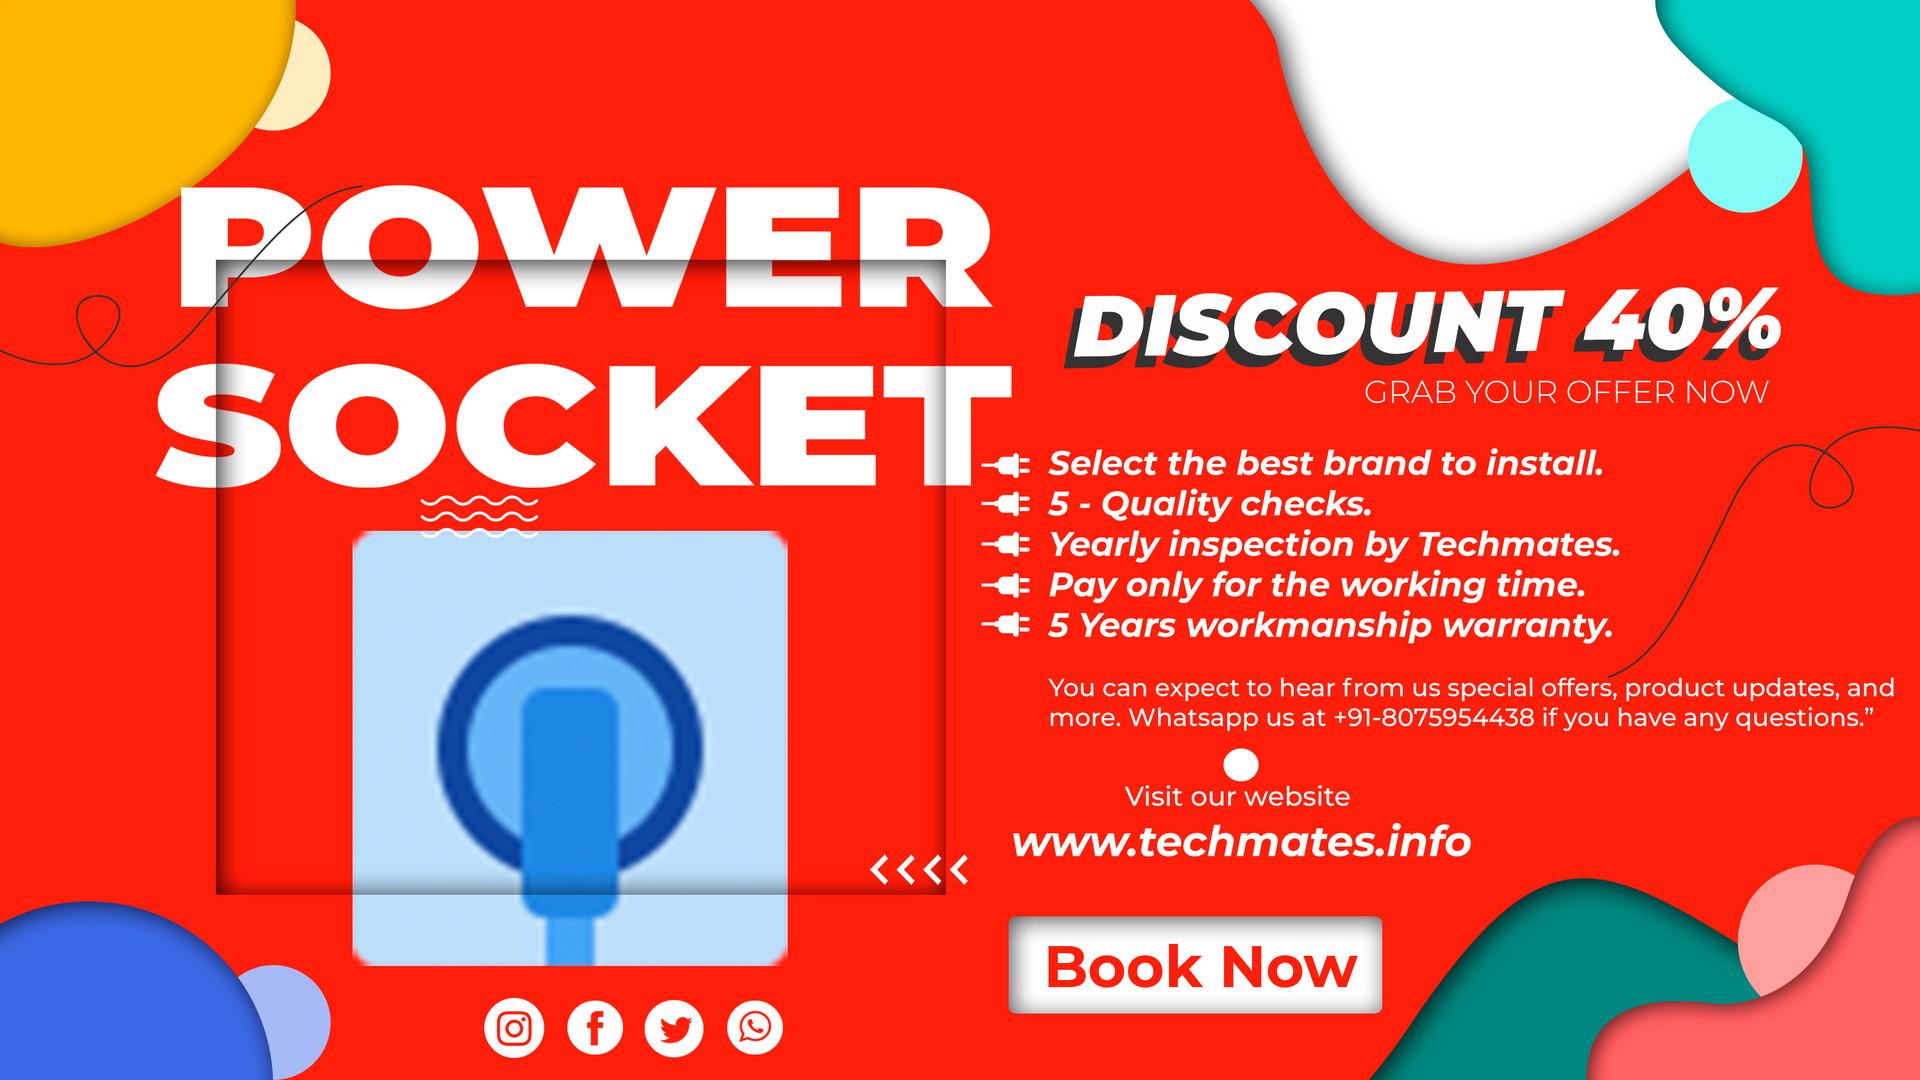 Power Socket Offer